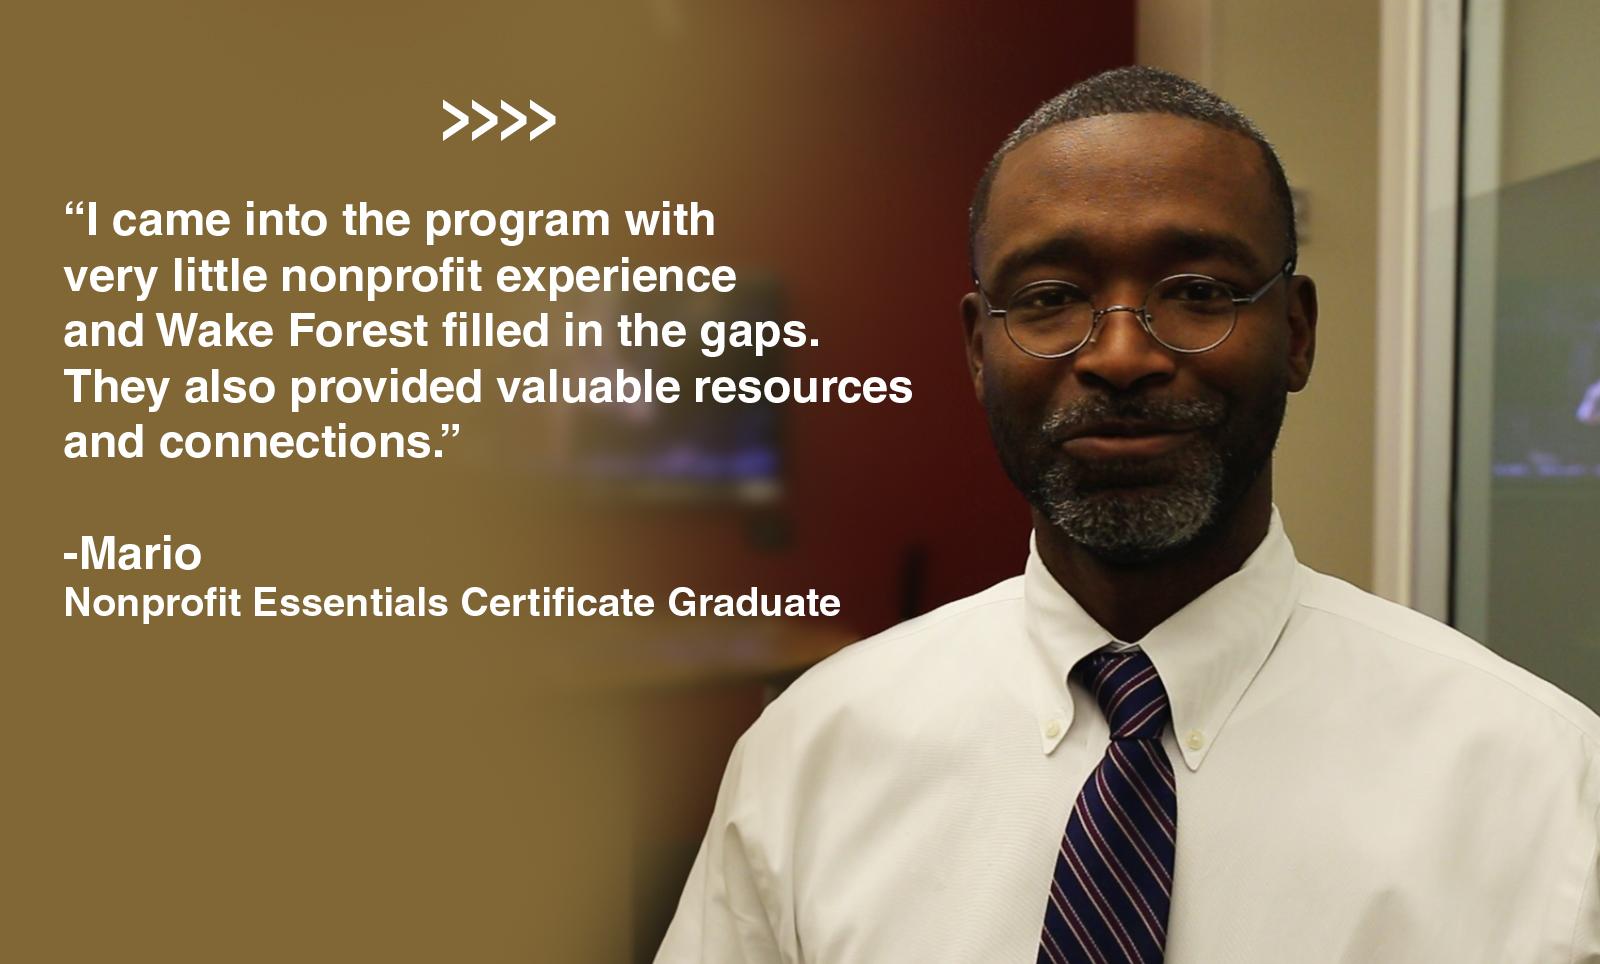 Nonprofit Essential Certificate Graduate, Mario